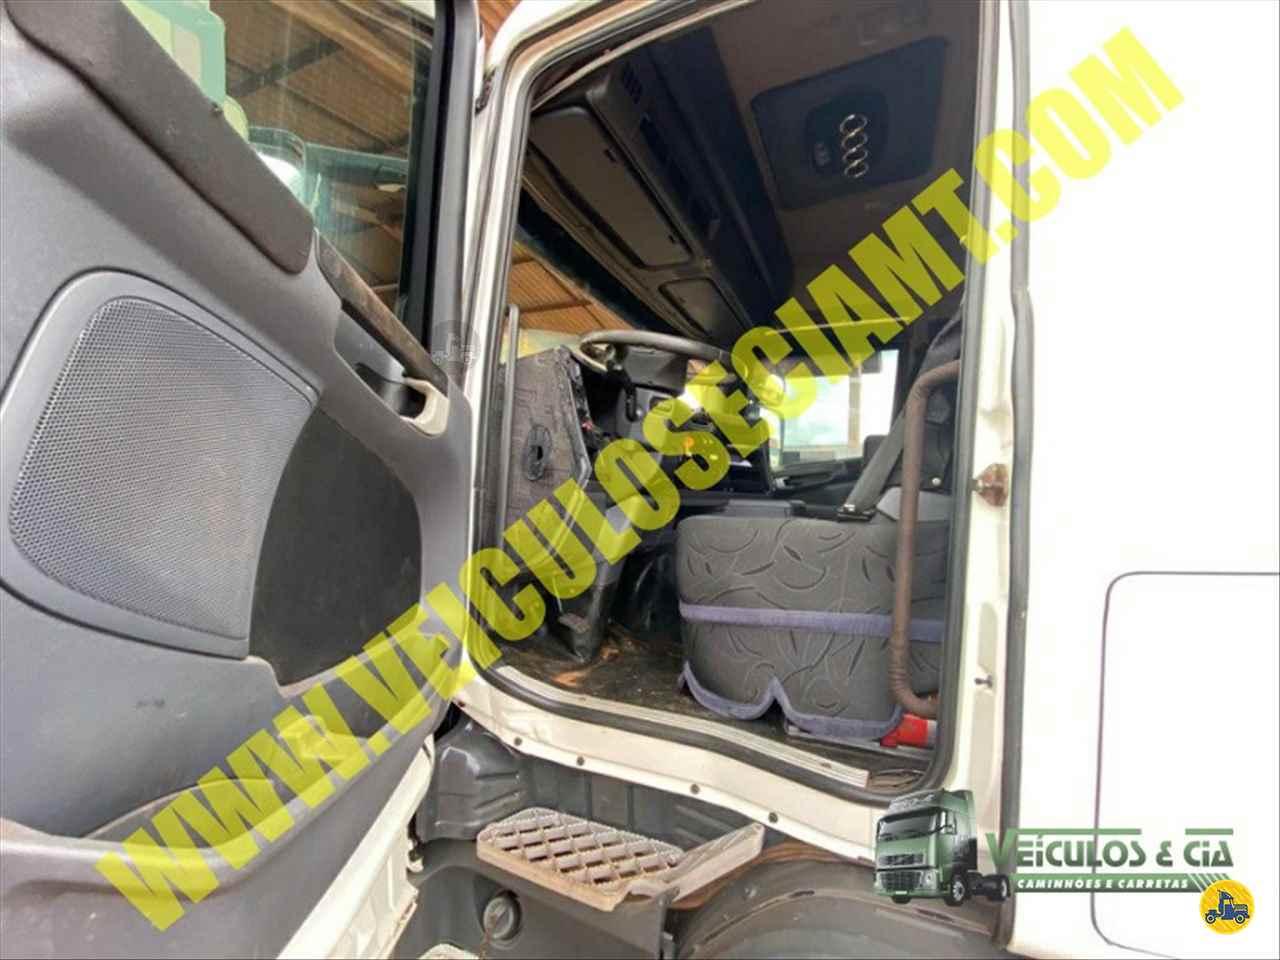 SCANIA SCANIA 420  2011/2012 Veiculos e Cia